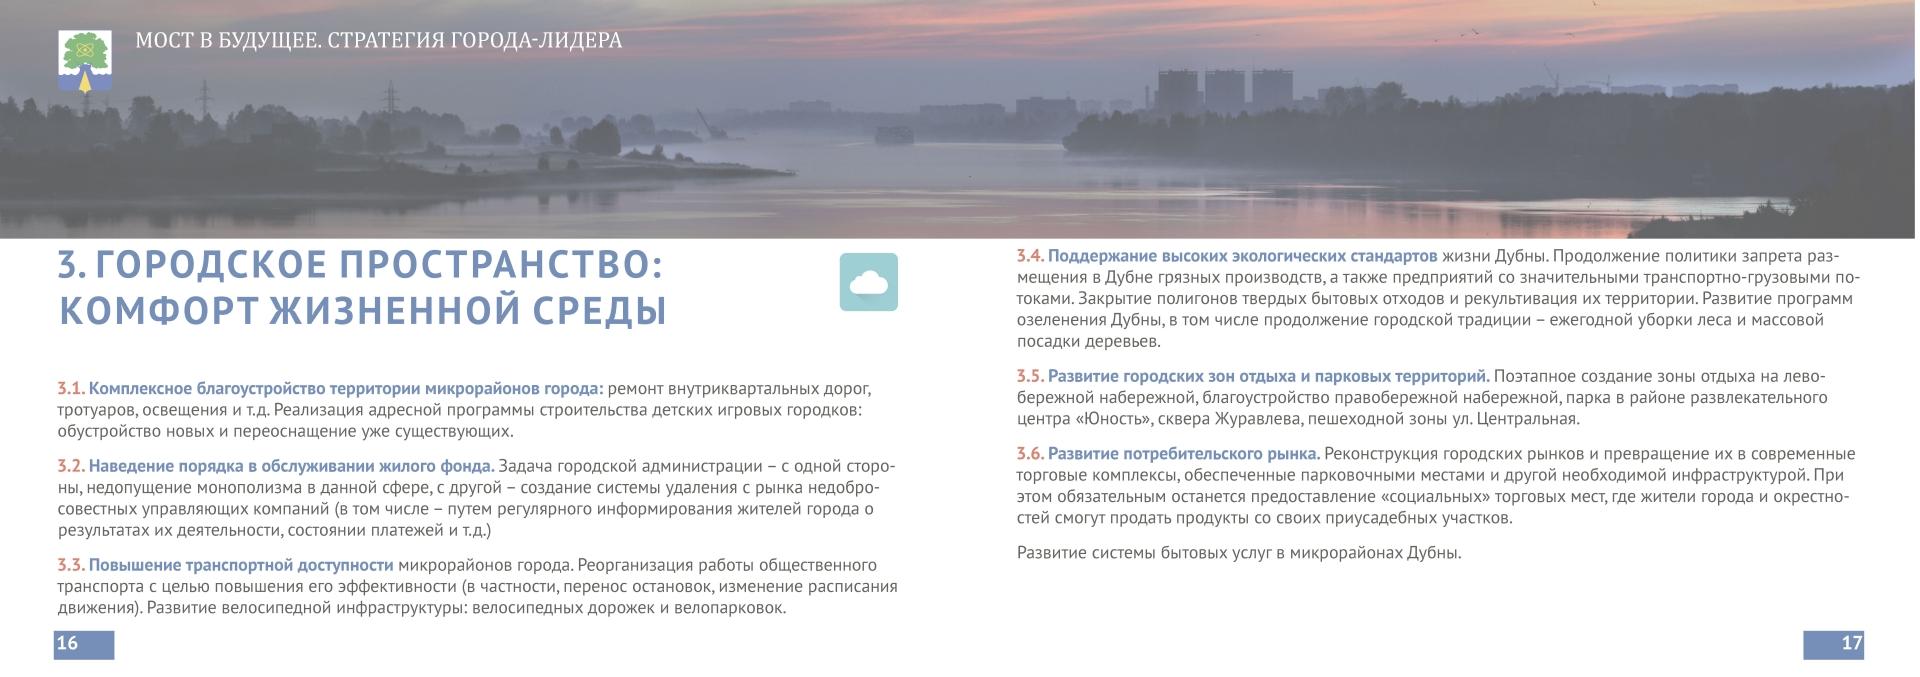 DTS_032_Страница_08